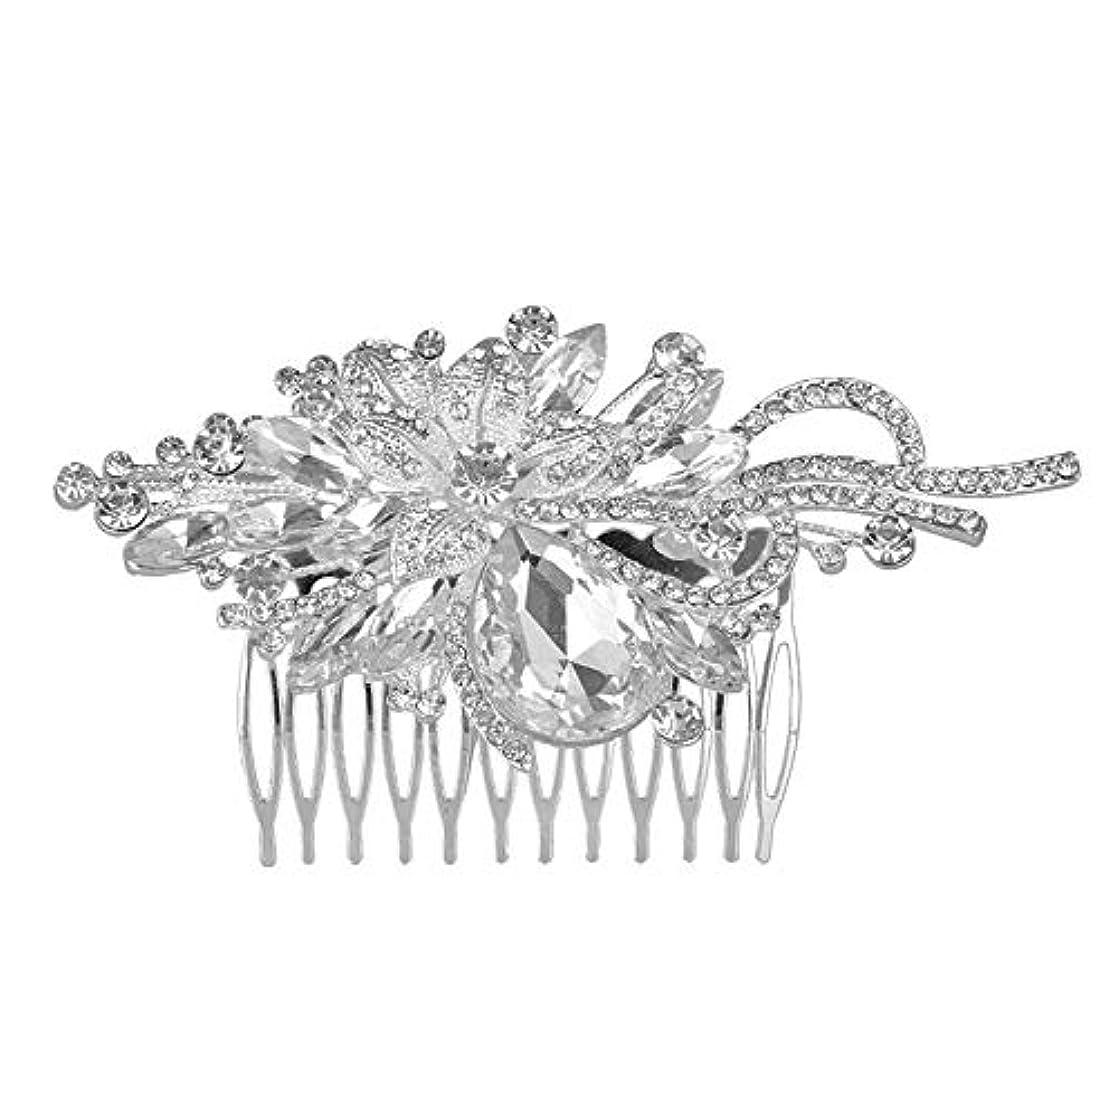 有名非難する豆腐髪の櫛挿入櫛花嫁の髪櫛クラウン髪の櫛結婚式のアクセサリー葉の髪の櫛ラインストーンの髪の櫛ブライダルヘッドドレス